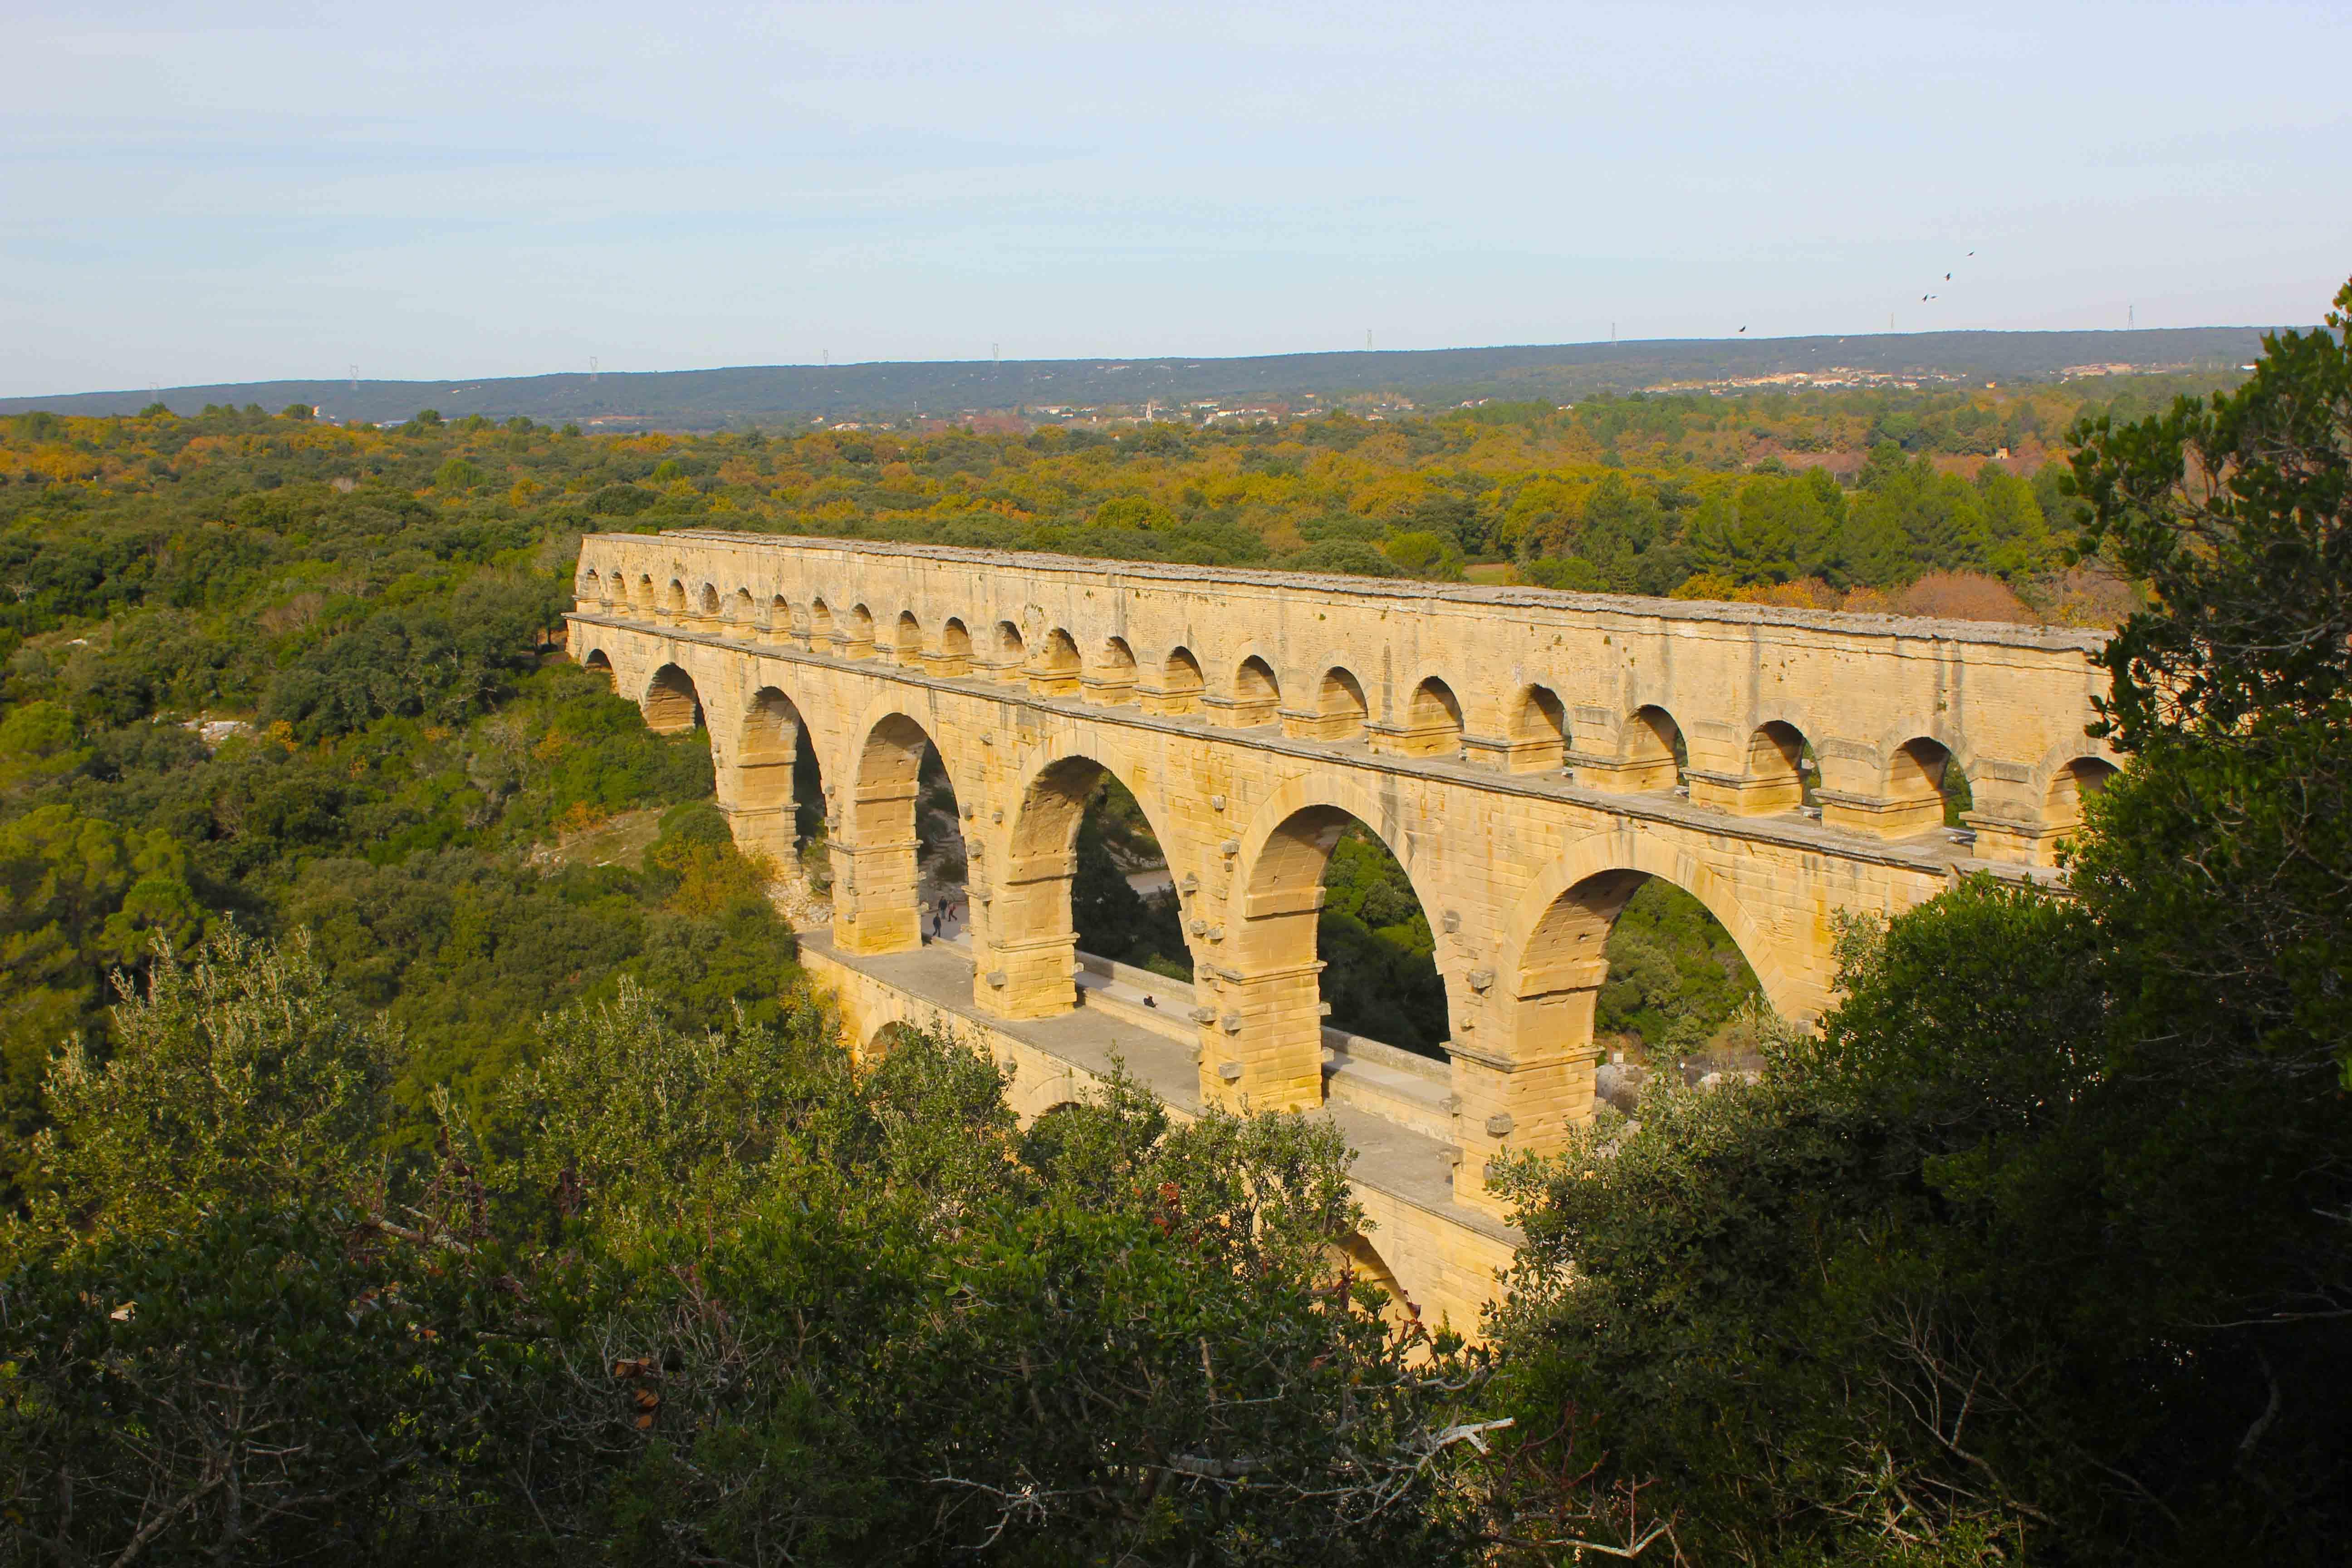 A grandeza dos arcos junto a vegetação local